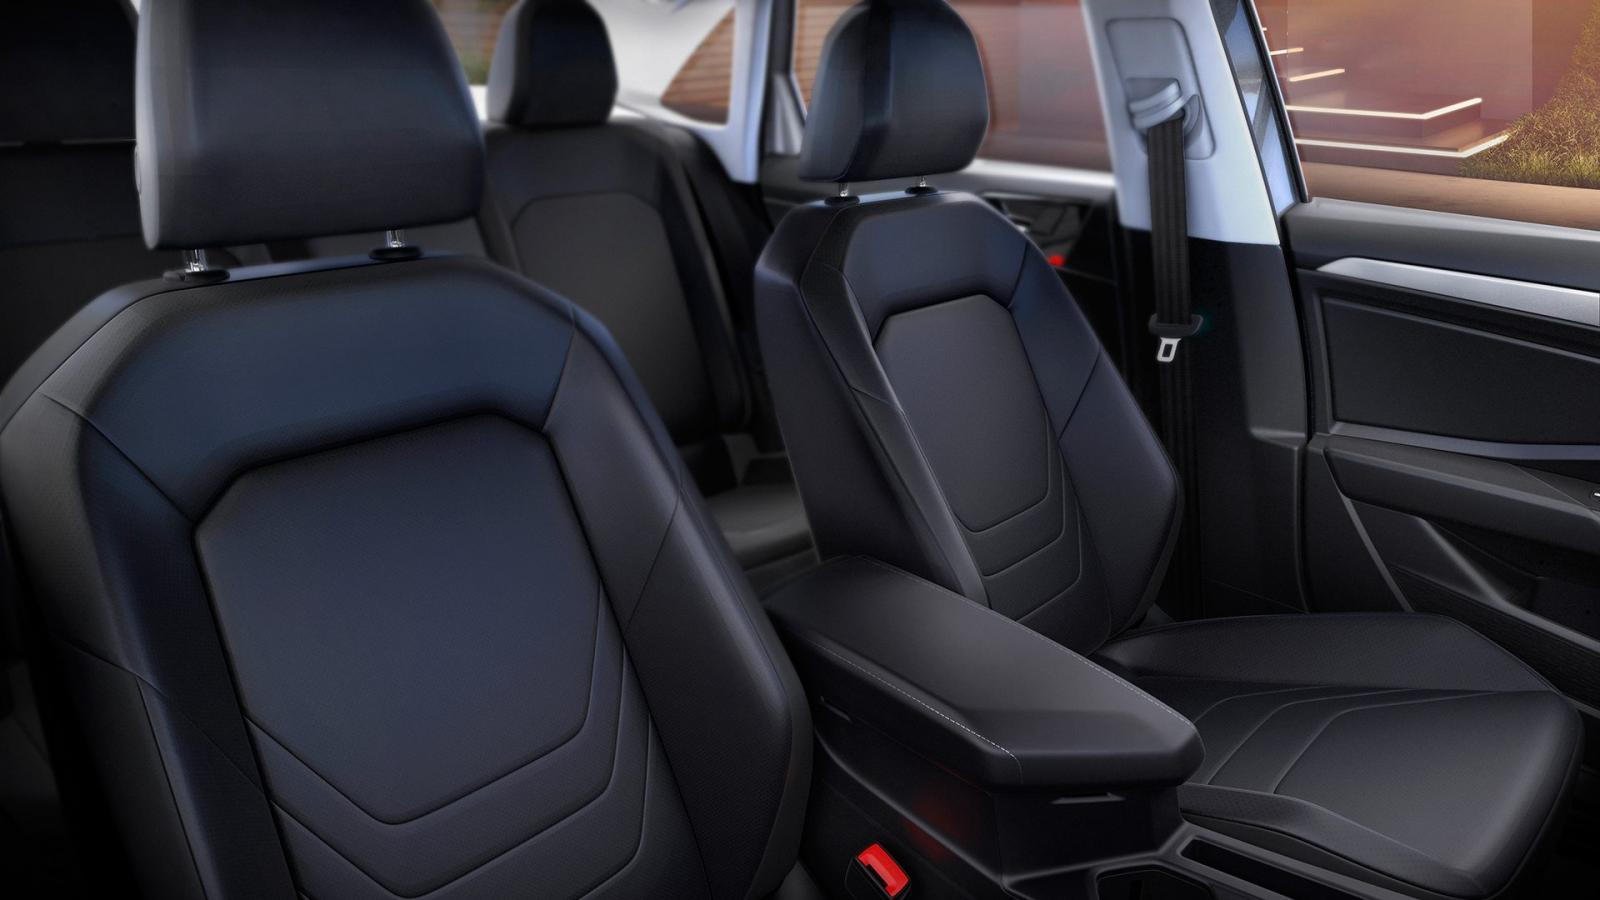 Ambos vehículos garantizan confort durante los trayectos